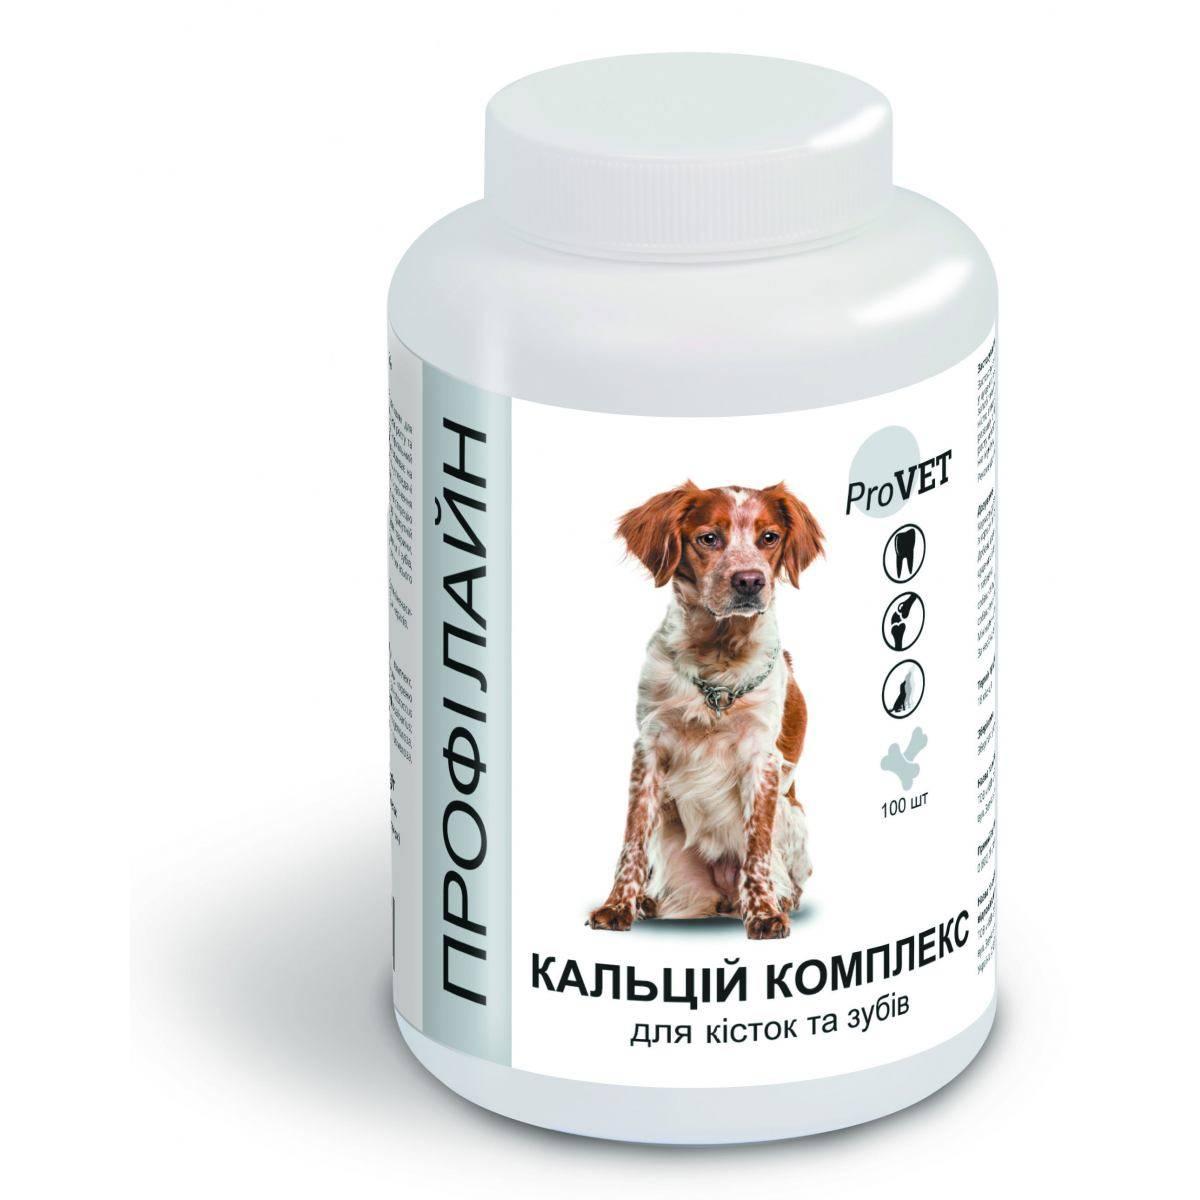 Правильные витамины для кошек и собак